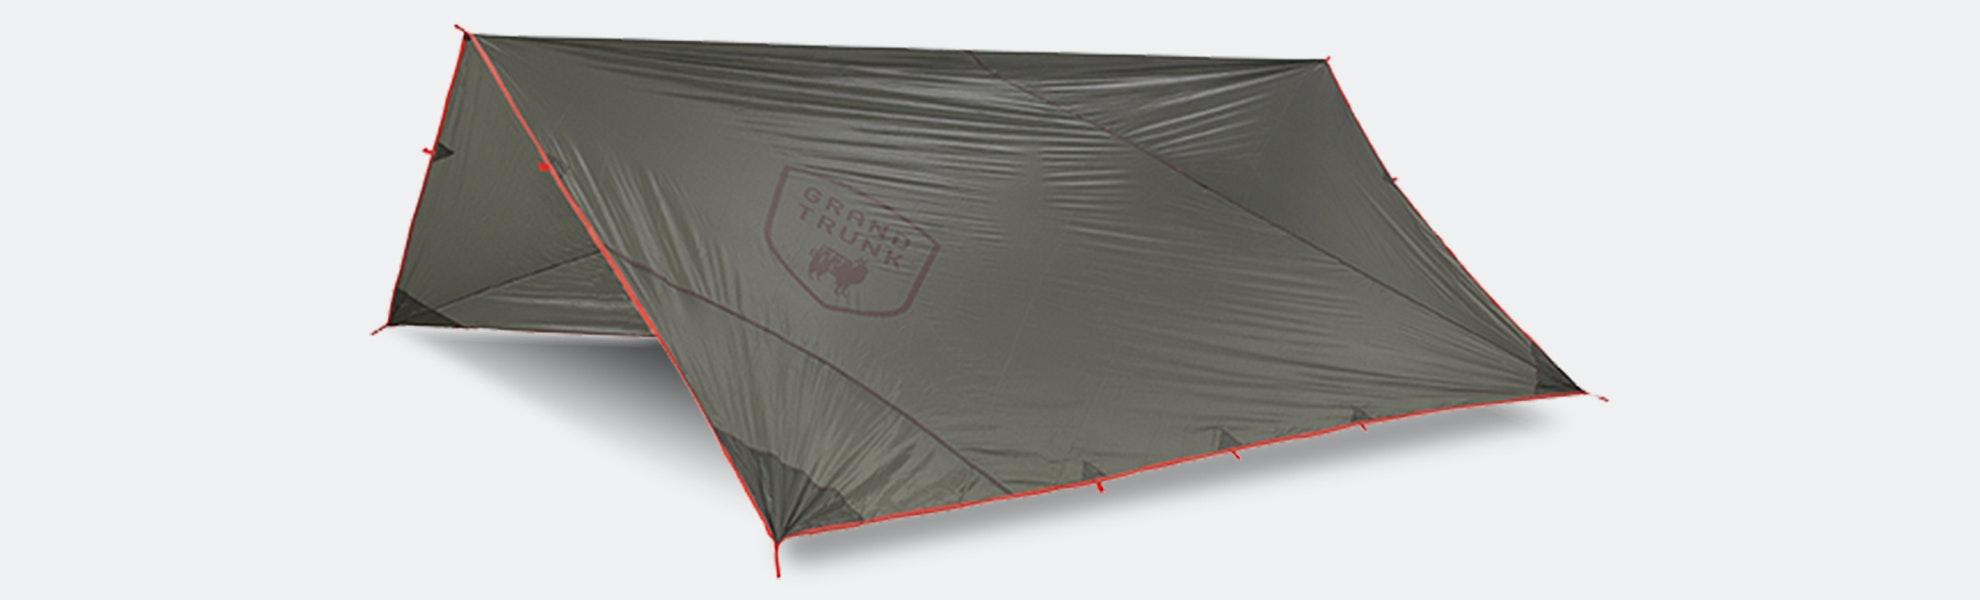 Grand Trunk Abrigo Rain Fly